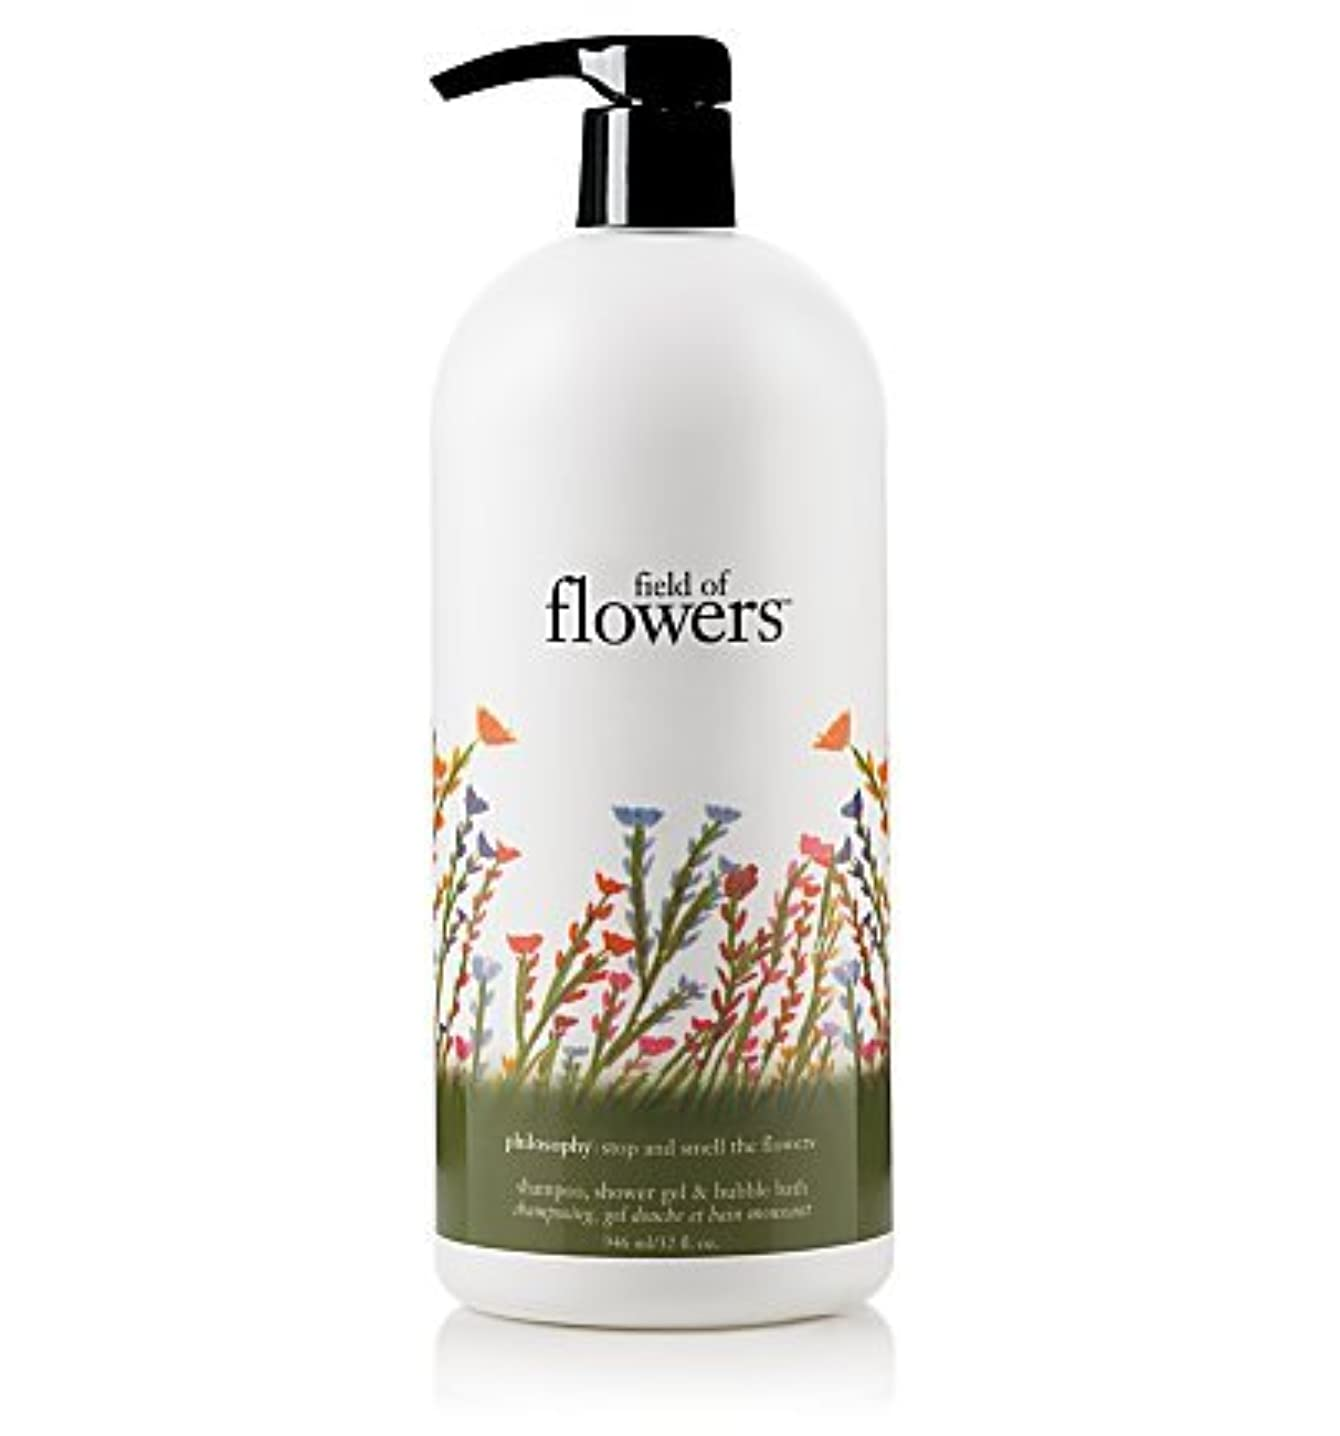 黙プレミア整理するfield of flowers (フィールド オブ フラワーズ) 32.0 oz (960ml) shampoo, shower gel & bubble bath for Women